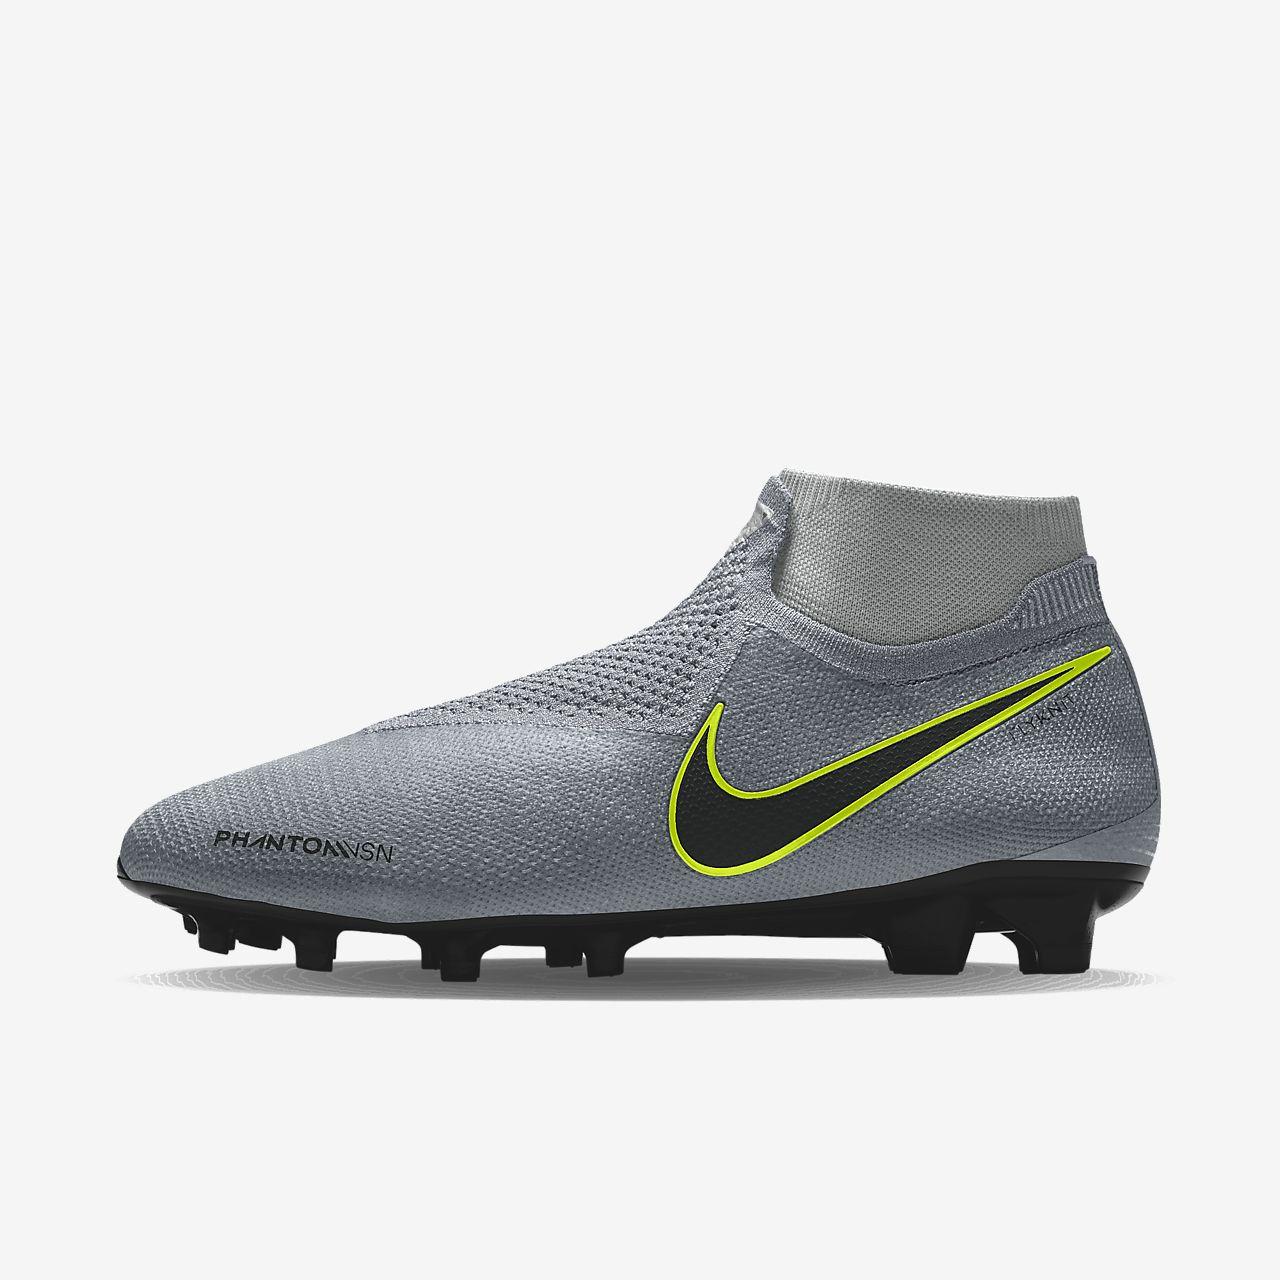 Nike Phantom Vision Elite FG By You personalisierbarer Fußballschuh für normalen Rasen